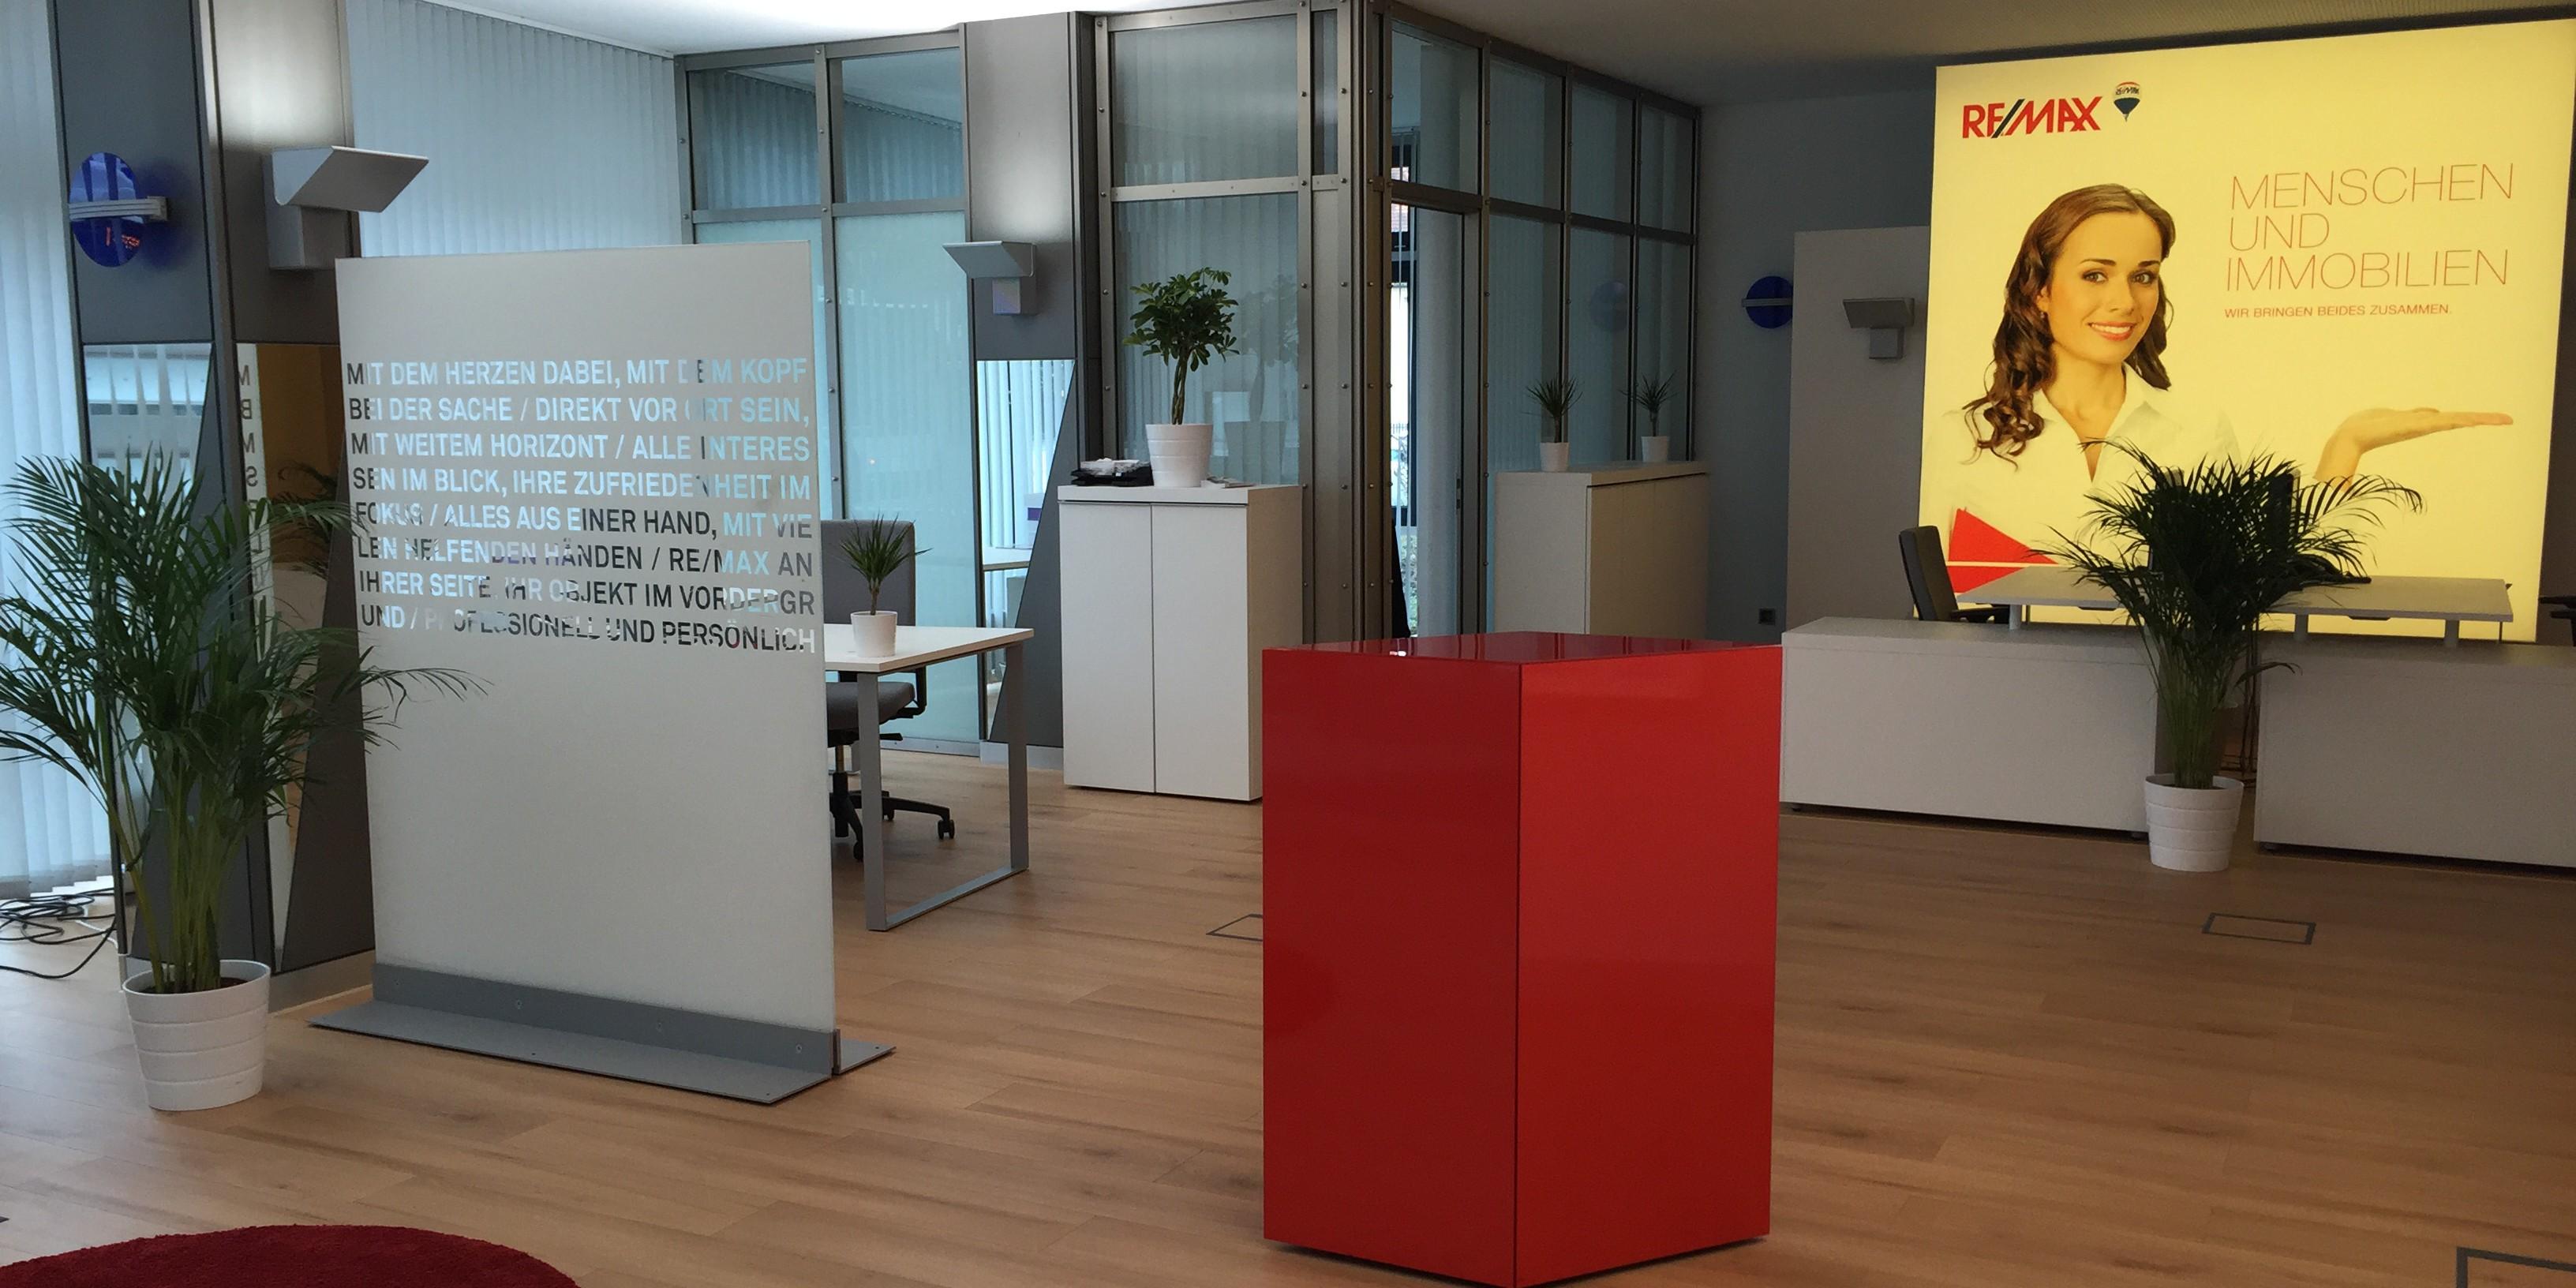 Len Augsburg augsburg archive startupbrett